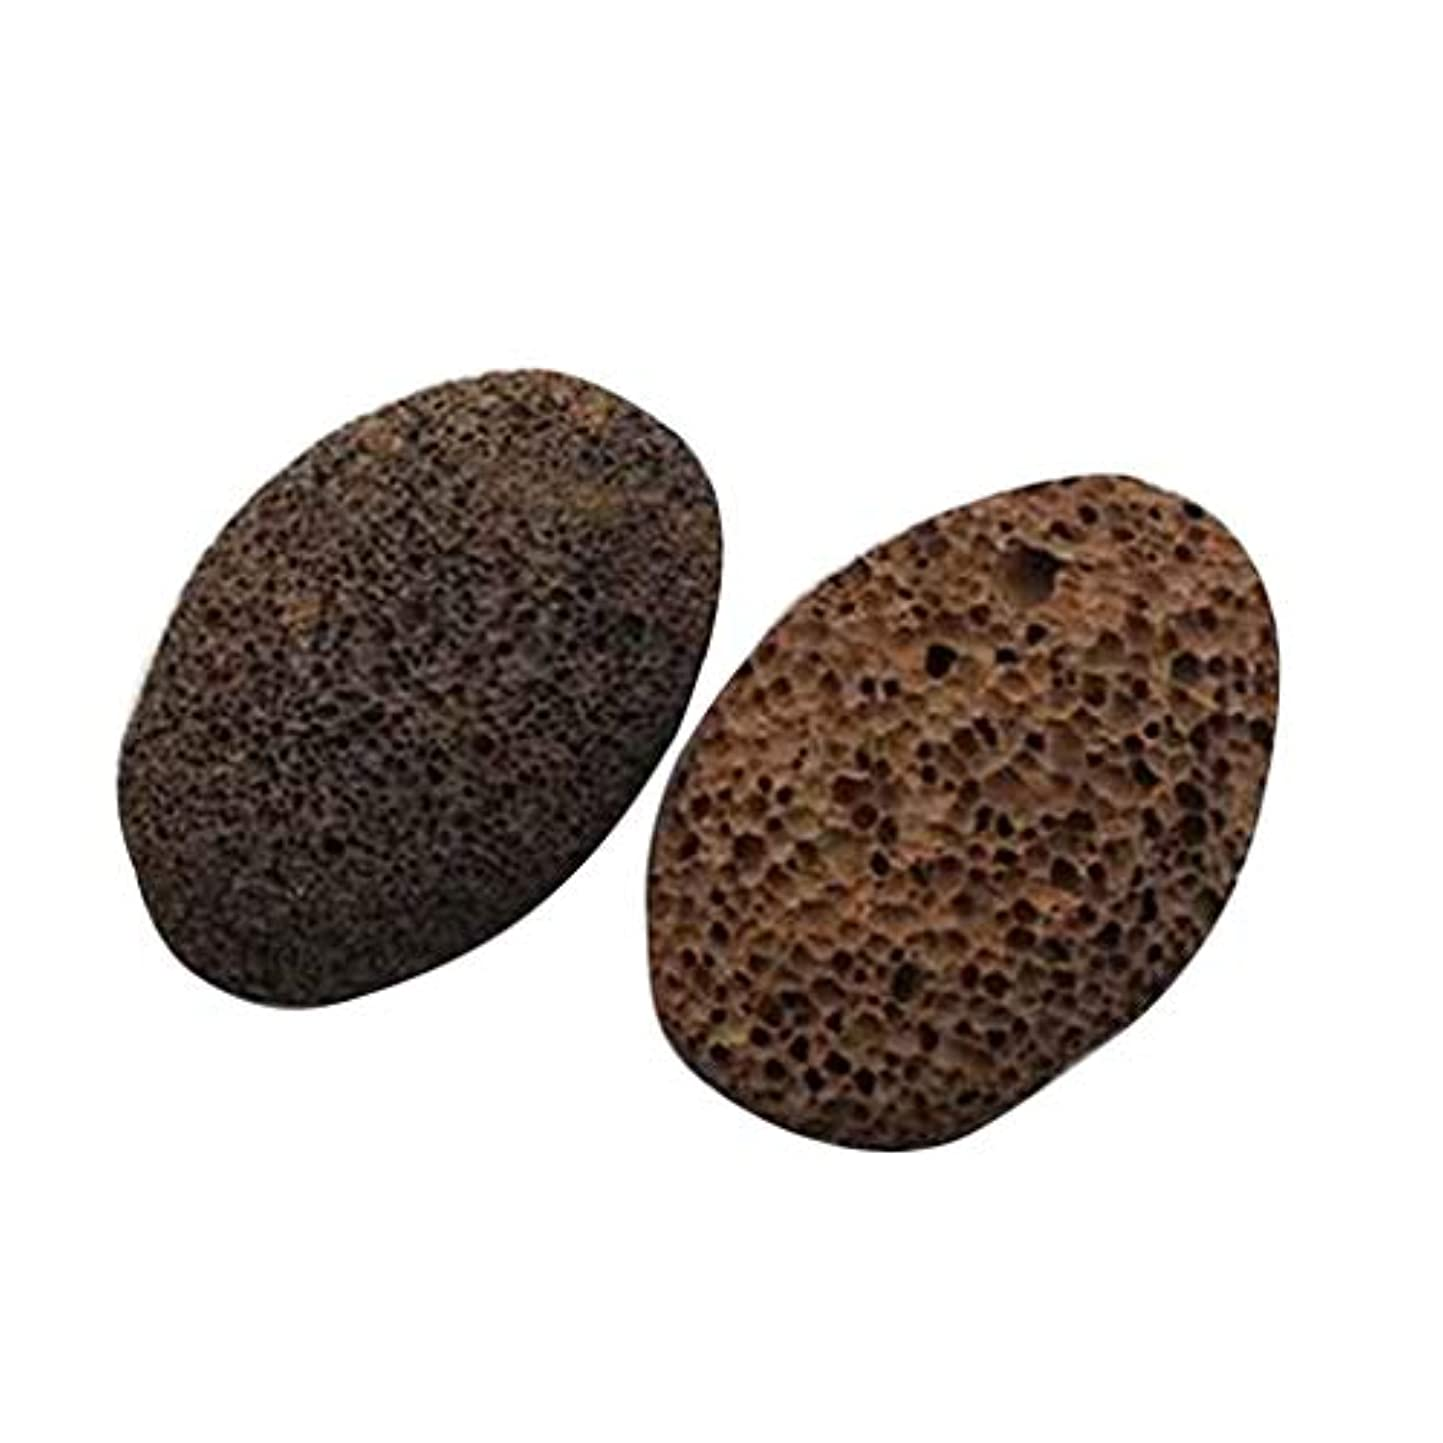 スリッパ広く中級Nerhaily 死んだ皮軽石を取り除き 足石を挽いて 自然の火山石を剥がします 足マッサージ石 ワイプ足石 2個セット